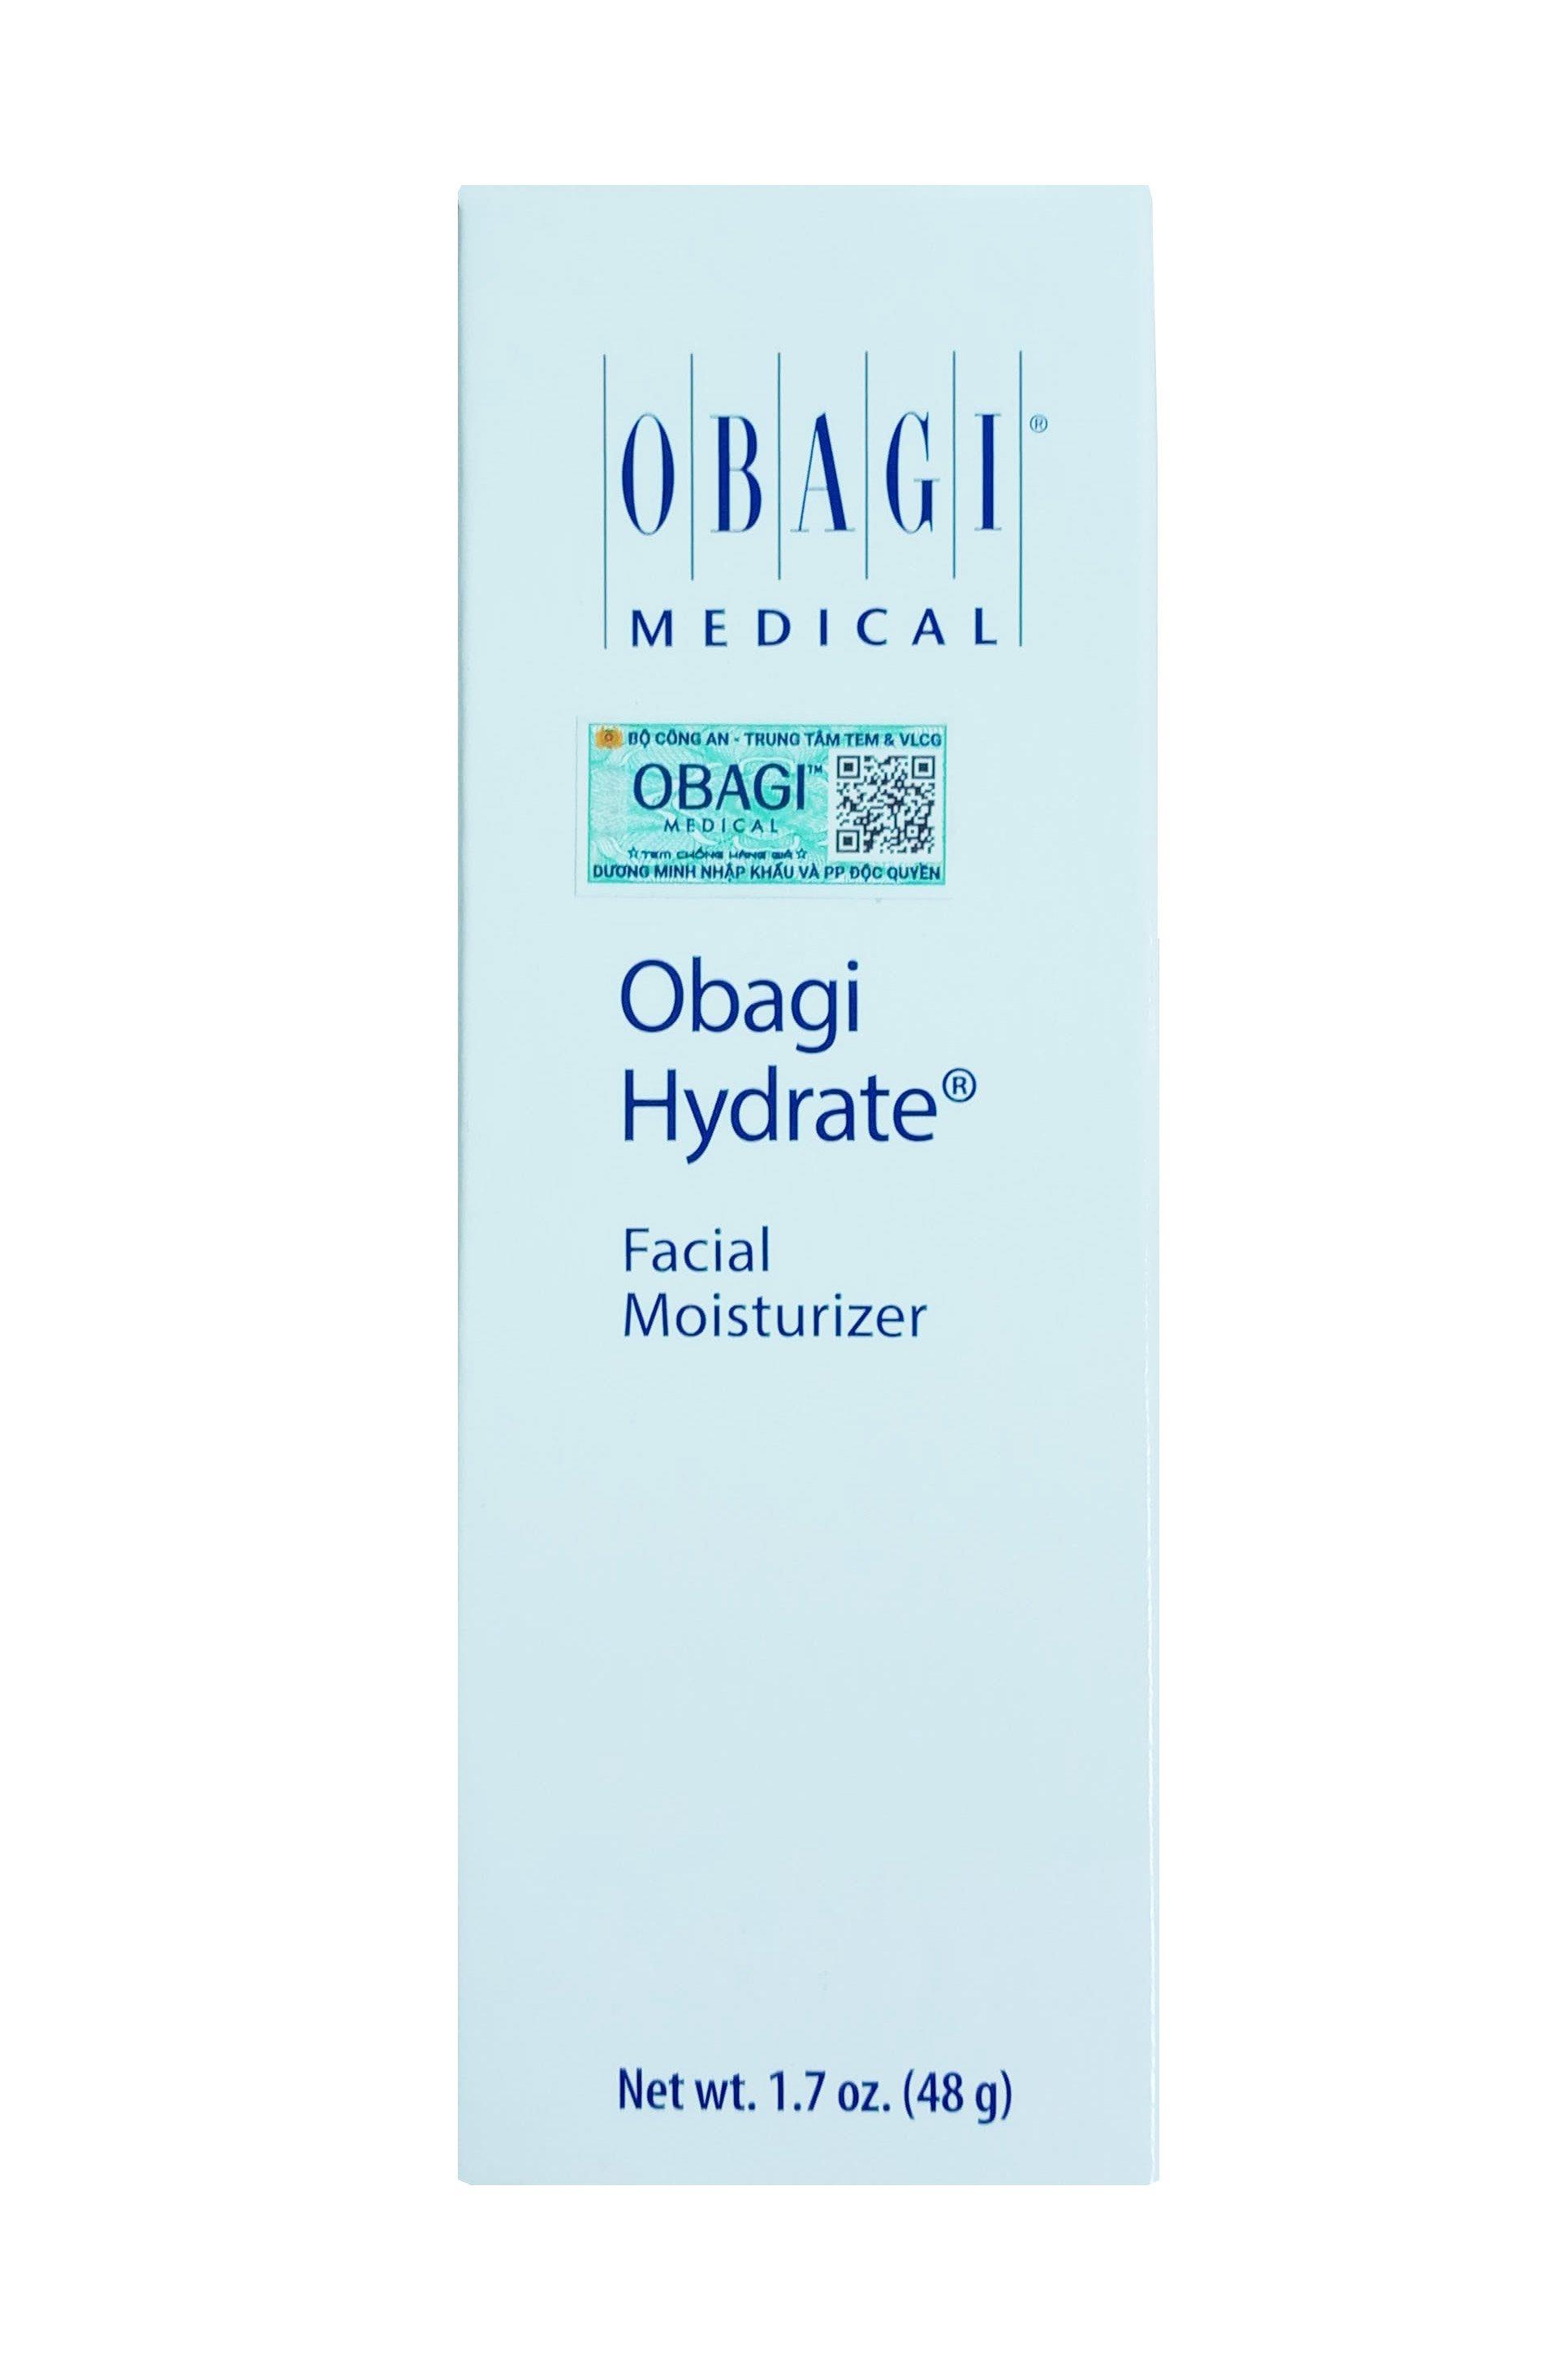 Kem dưỡng ẩm Obagi Hydrate Facial Moisturizer chính hãng mẫu mới